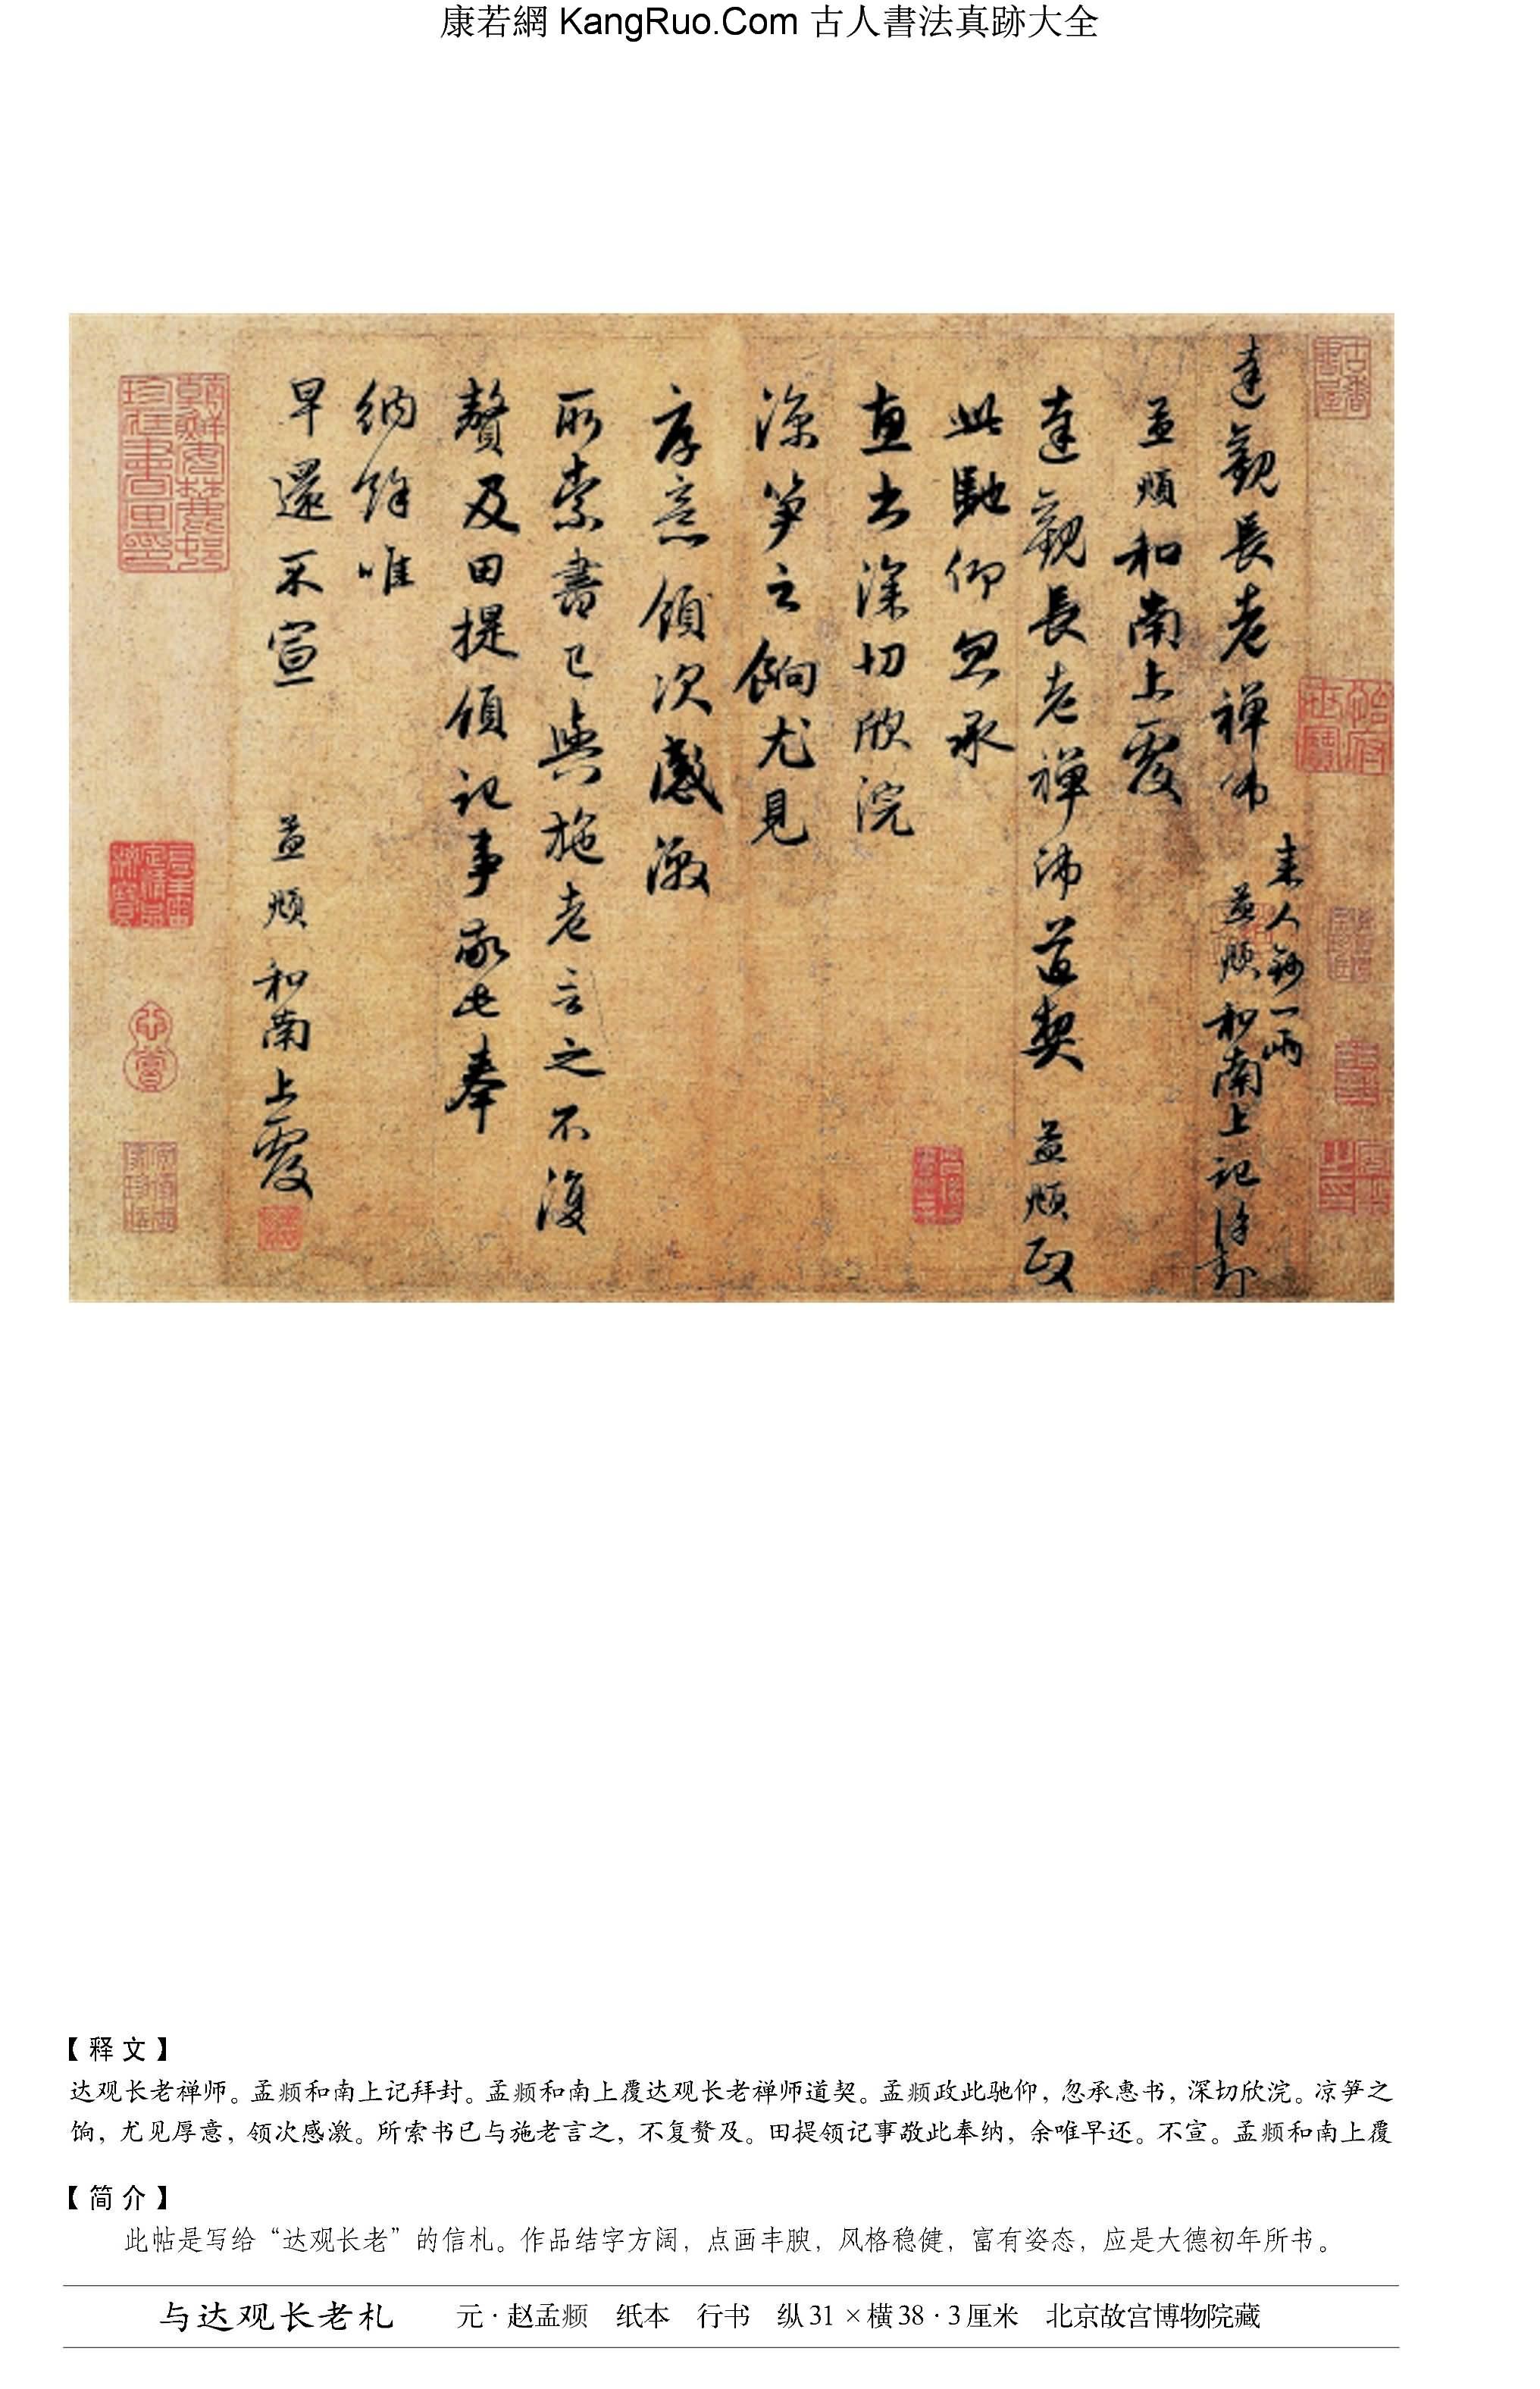 《與達觀長老札》書法真跡(行書)【元朝·趙孟頫】_00143